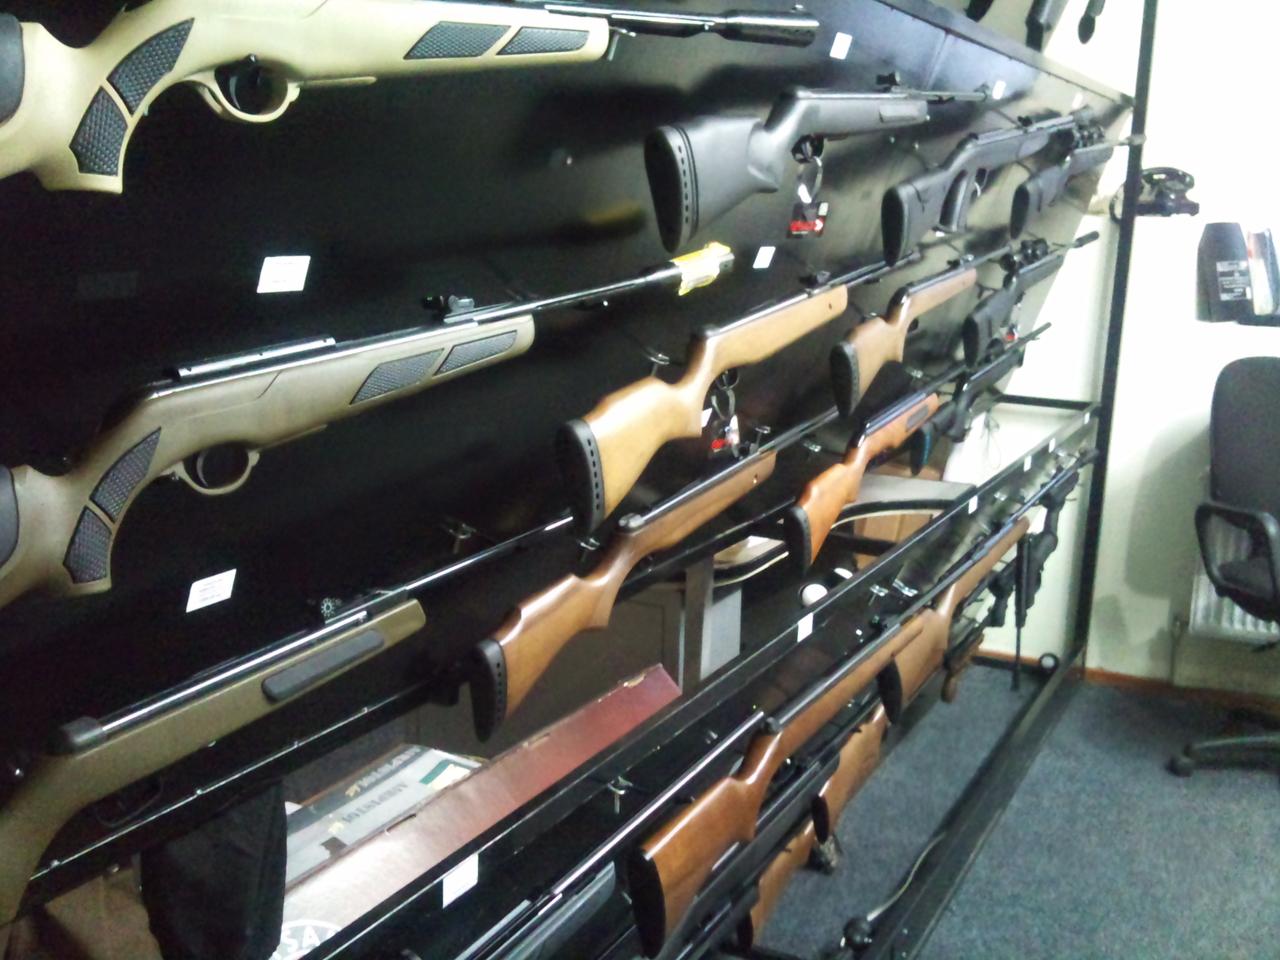 Arma de vinatoare tip toz-63, teava cromata, calibrul 16-70mm, cu permis, legal